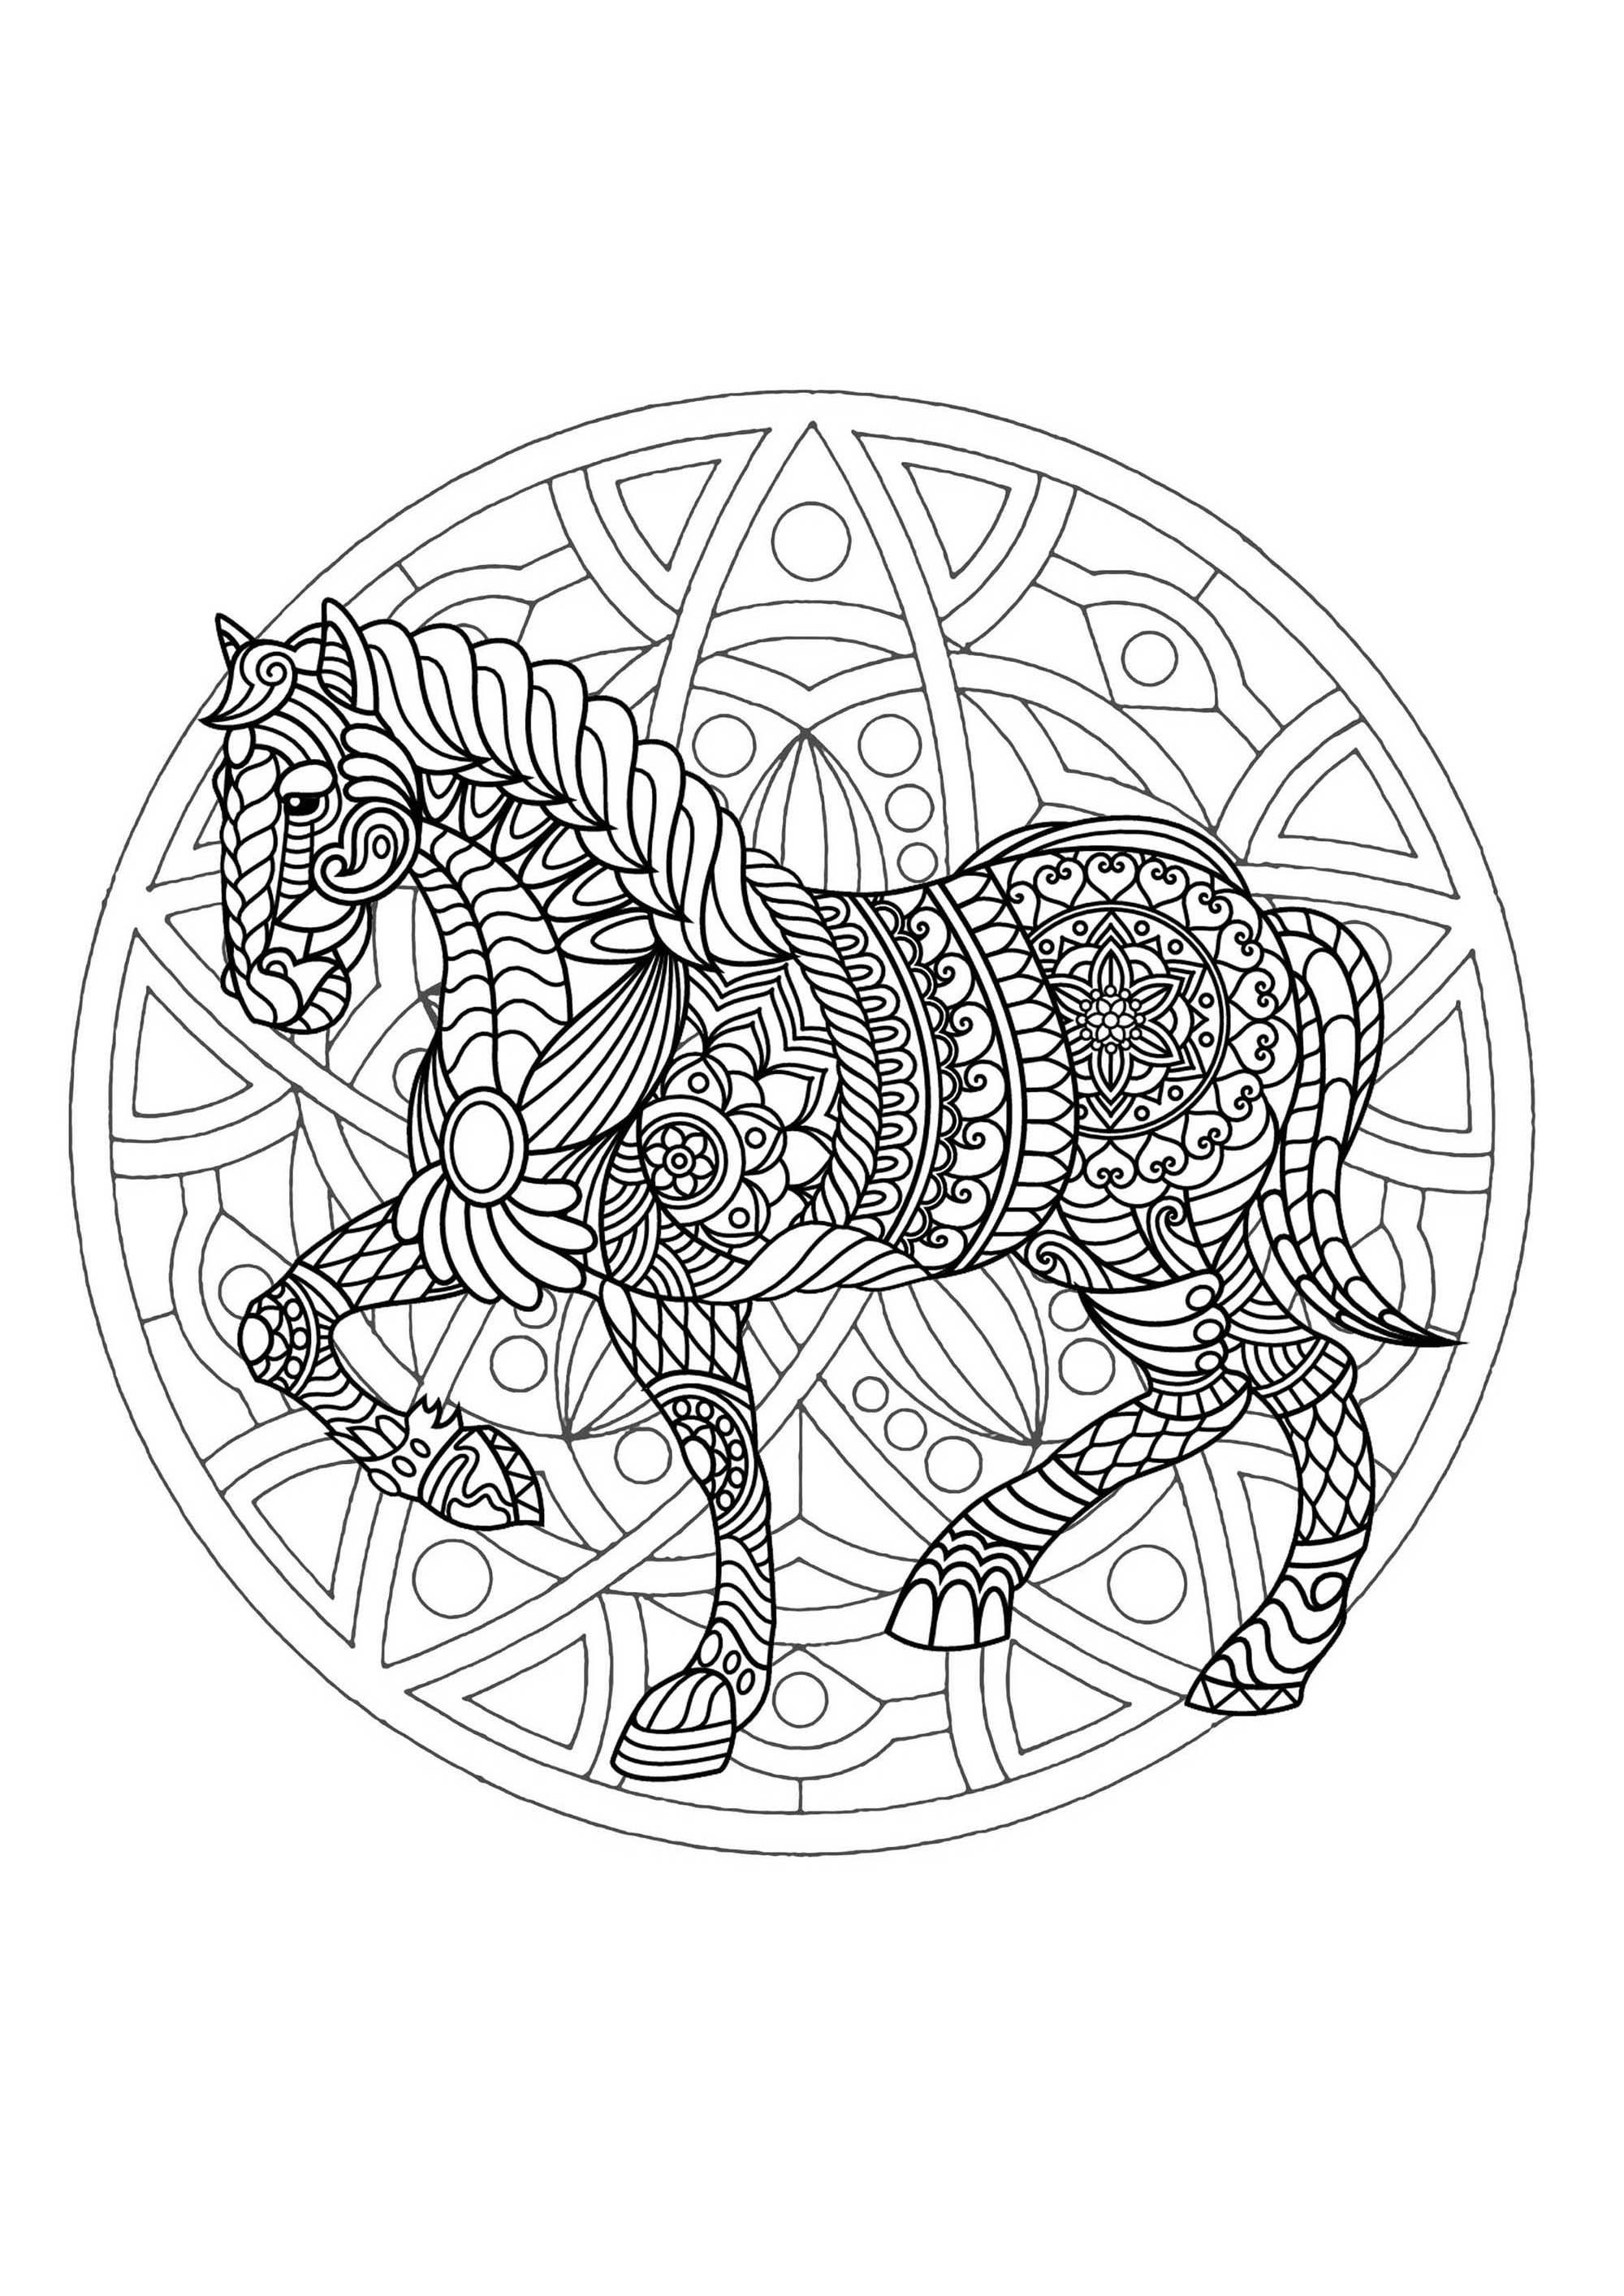 Mandala gratuit cheval coloriage mandalas coloriages - Mandala a imprimer gratuit ...